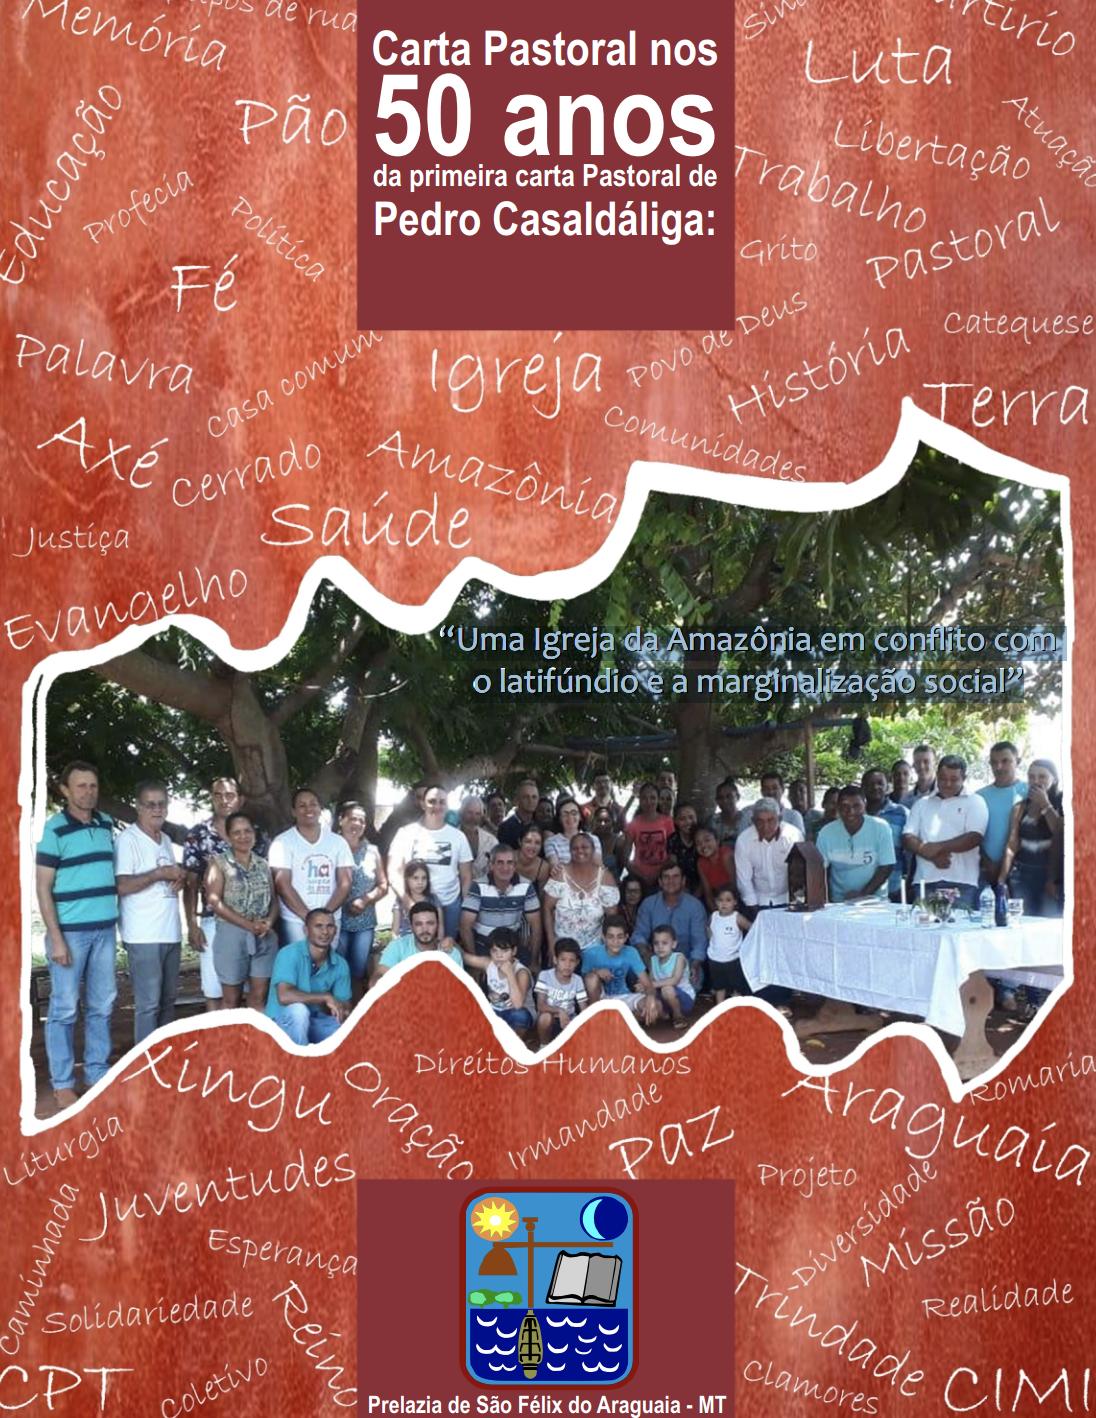 """Carta Pastoral nos 50 anos da primeira Carta Pastoral de Pedro Casaldáliga : """"Uma Igreja da Amazônia em conflito com o latifúndio e a marginalização social"""